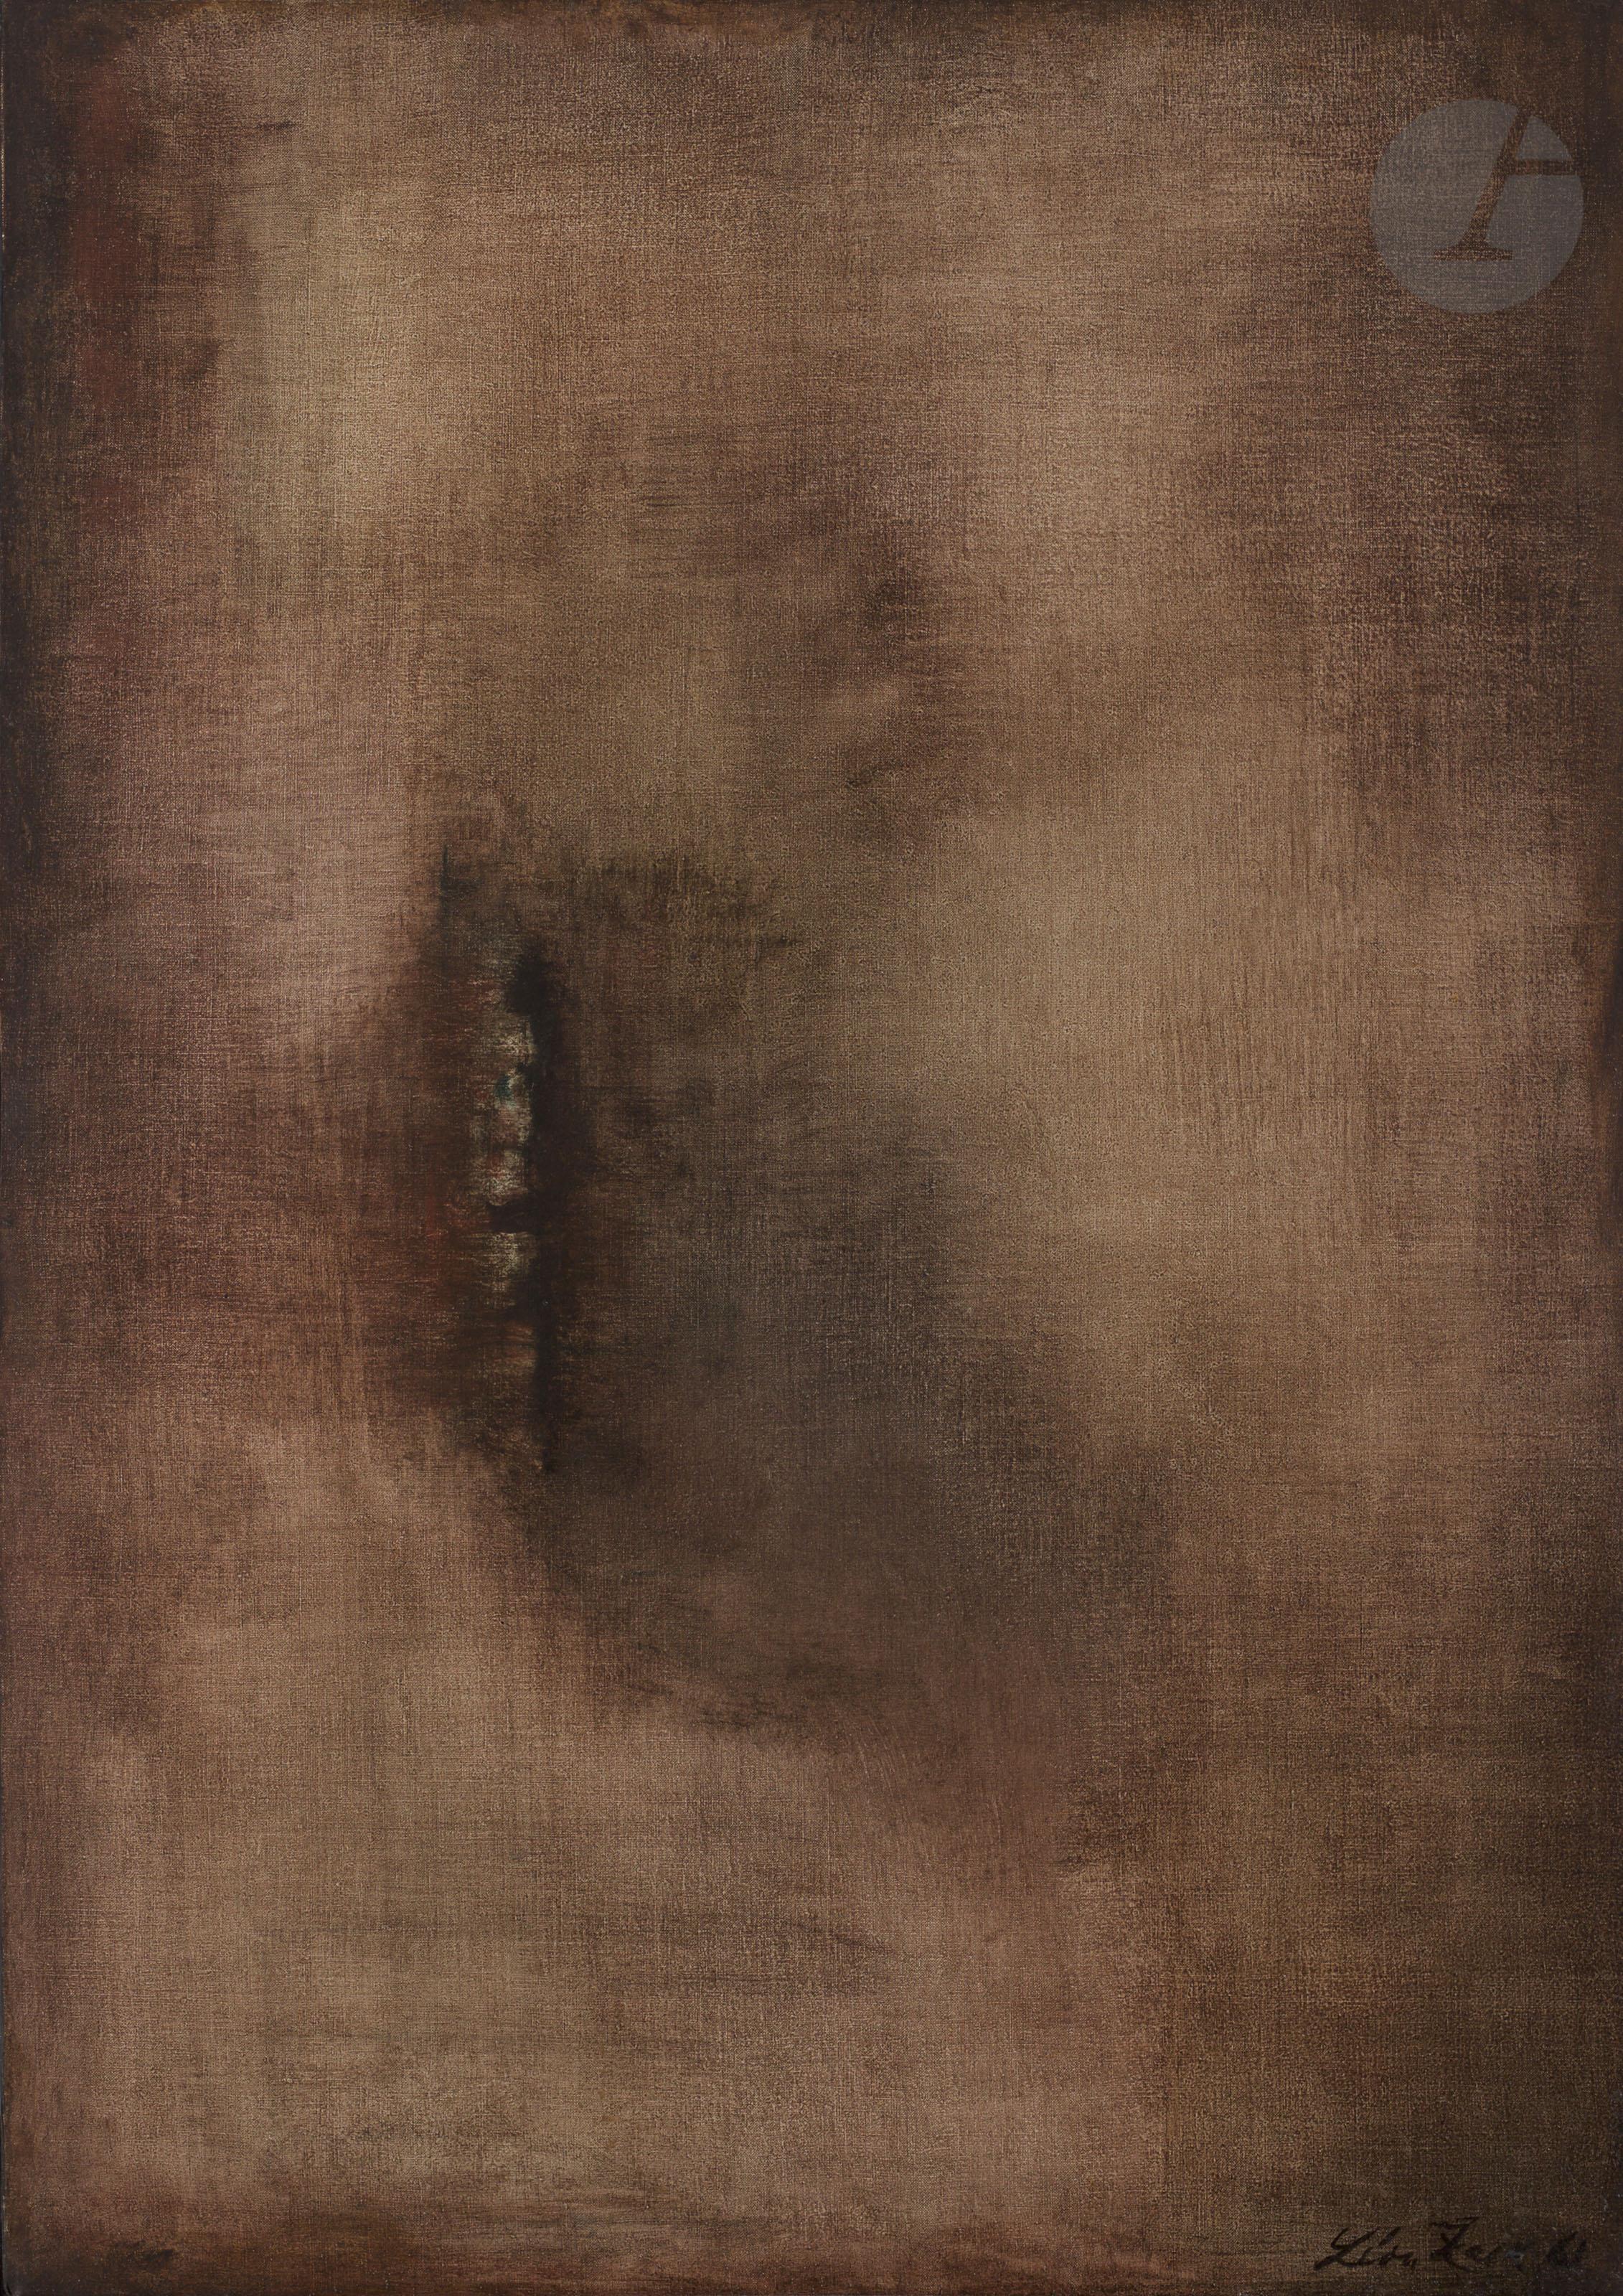 Lot 55 - Léon ZACK (1892-1980)Composition, 1961Huile sur toile.Signée et datée en bas à droite.Monogrammée et